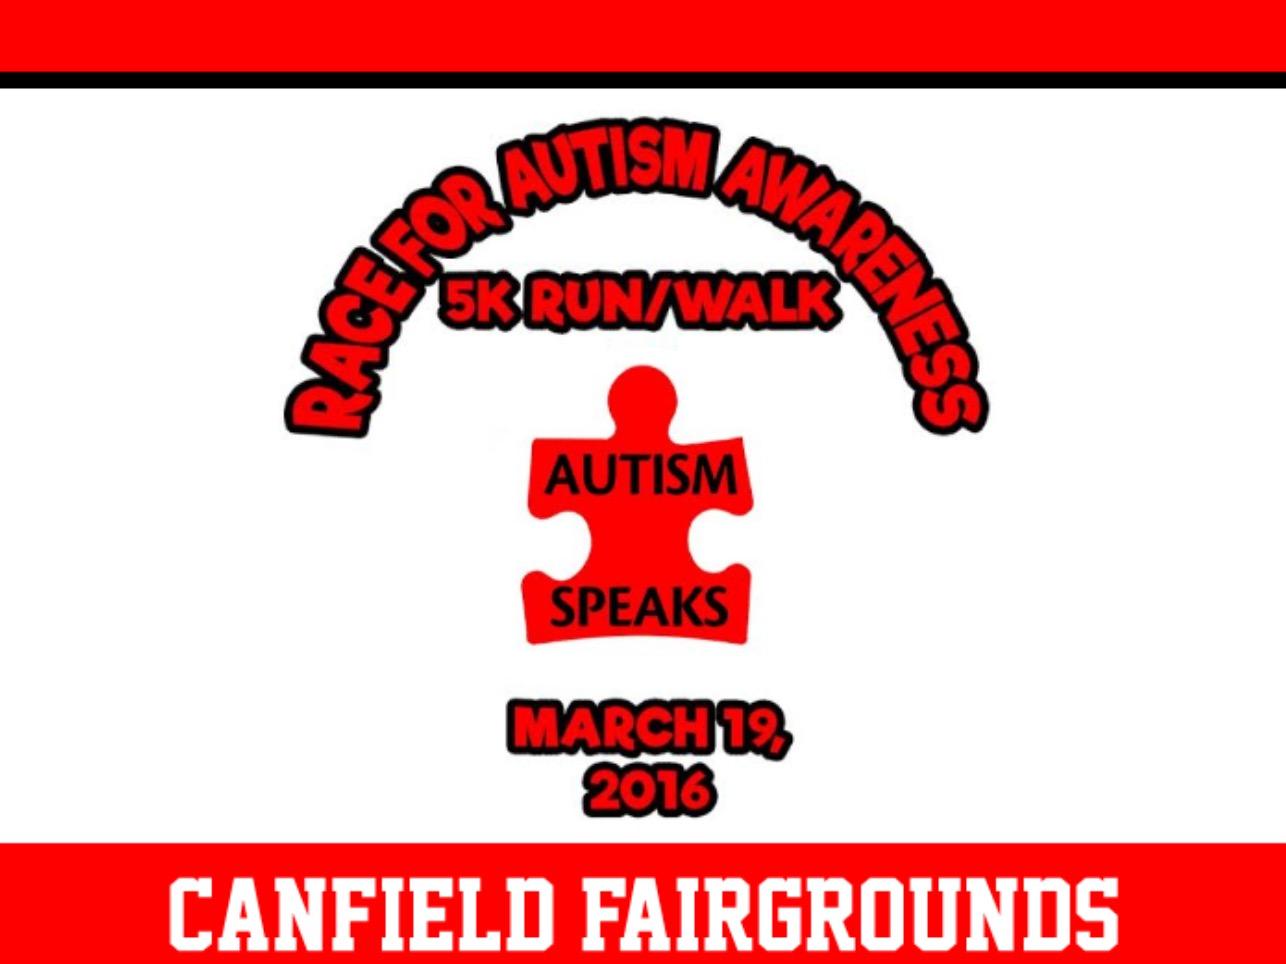 Race For Autism Awareness 5k Runwalk Ohio Outside